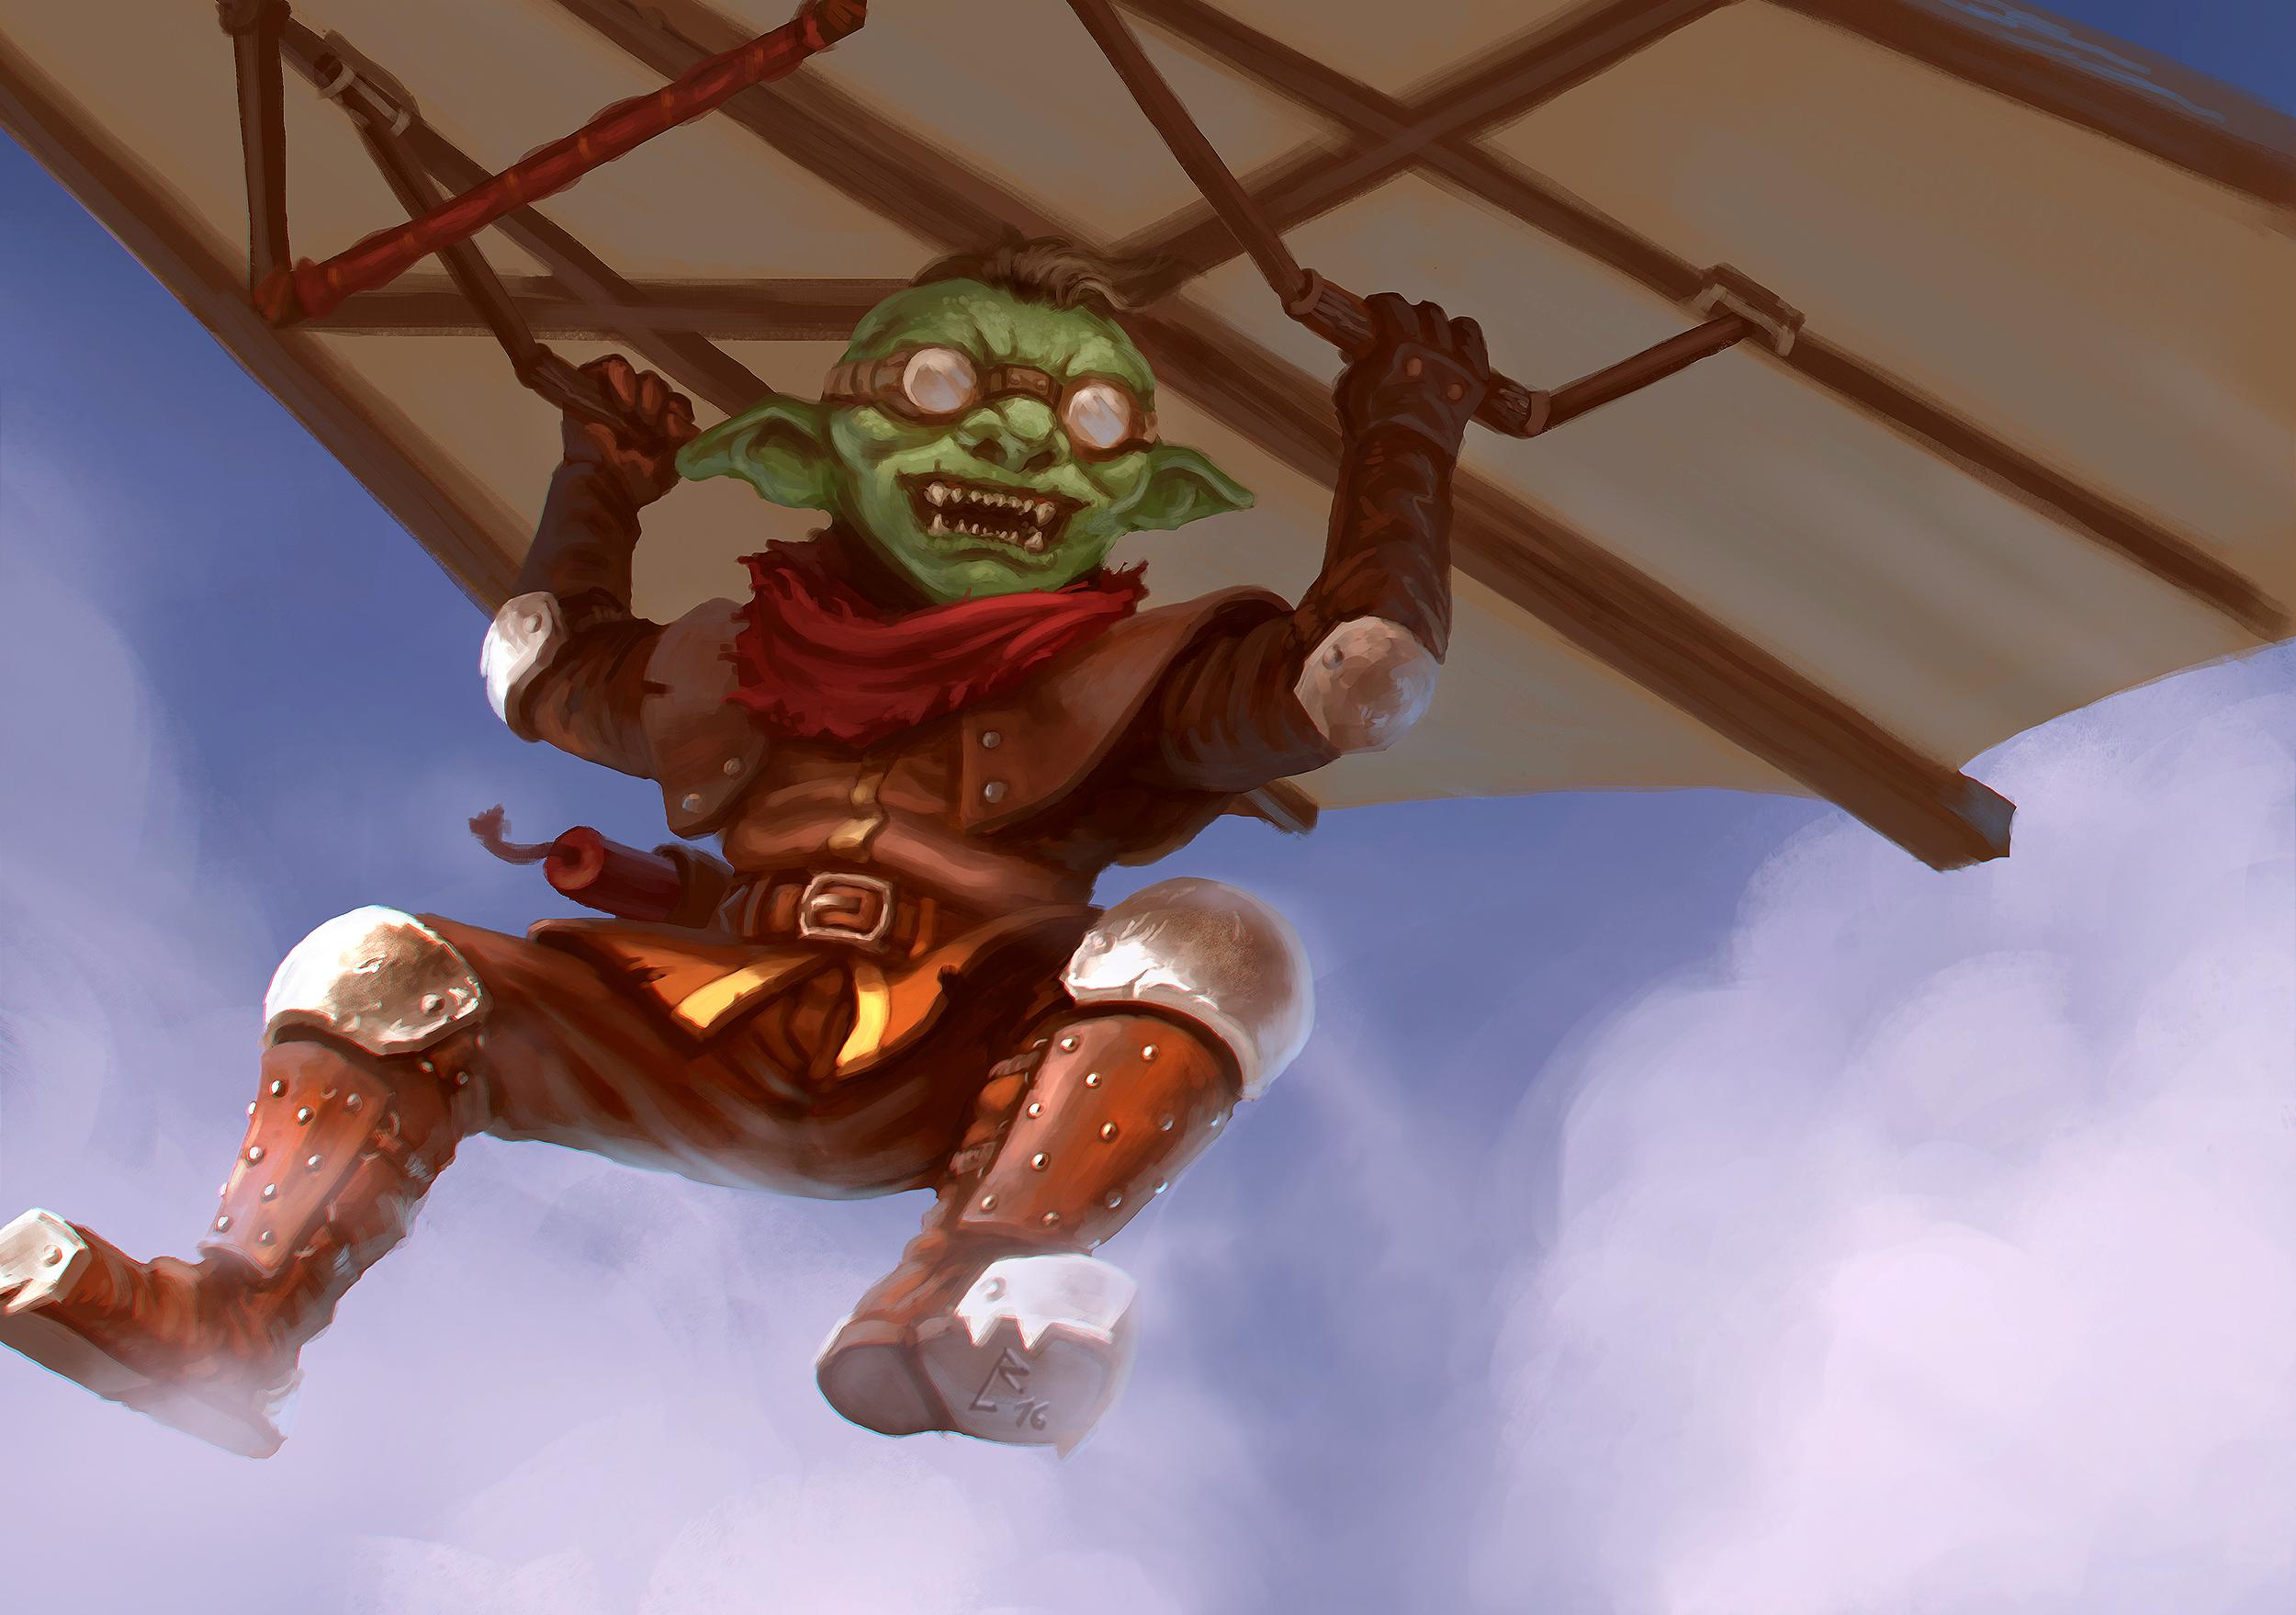 Goblin Kite Rider